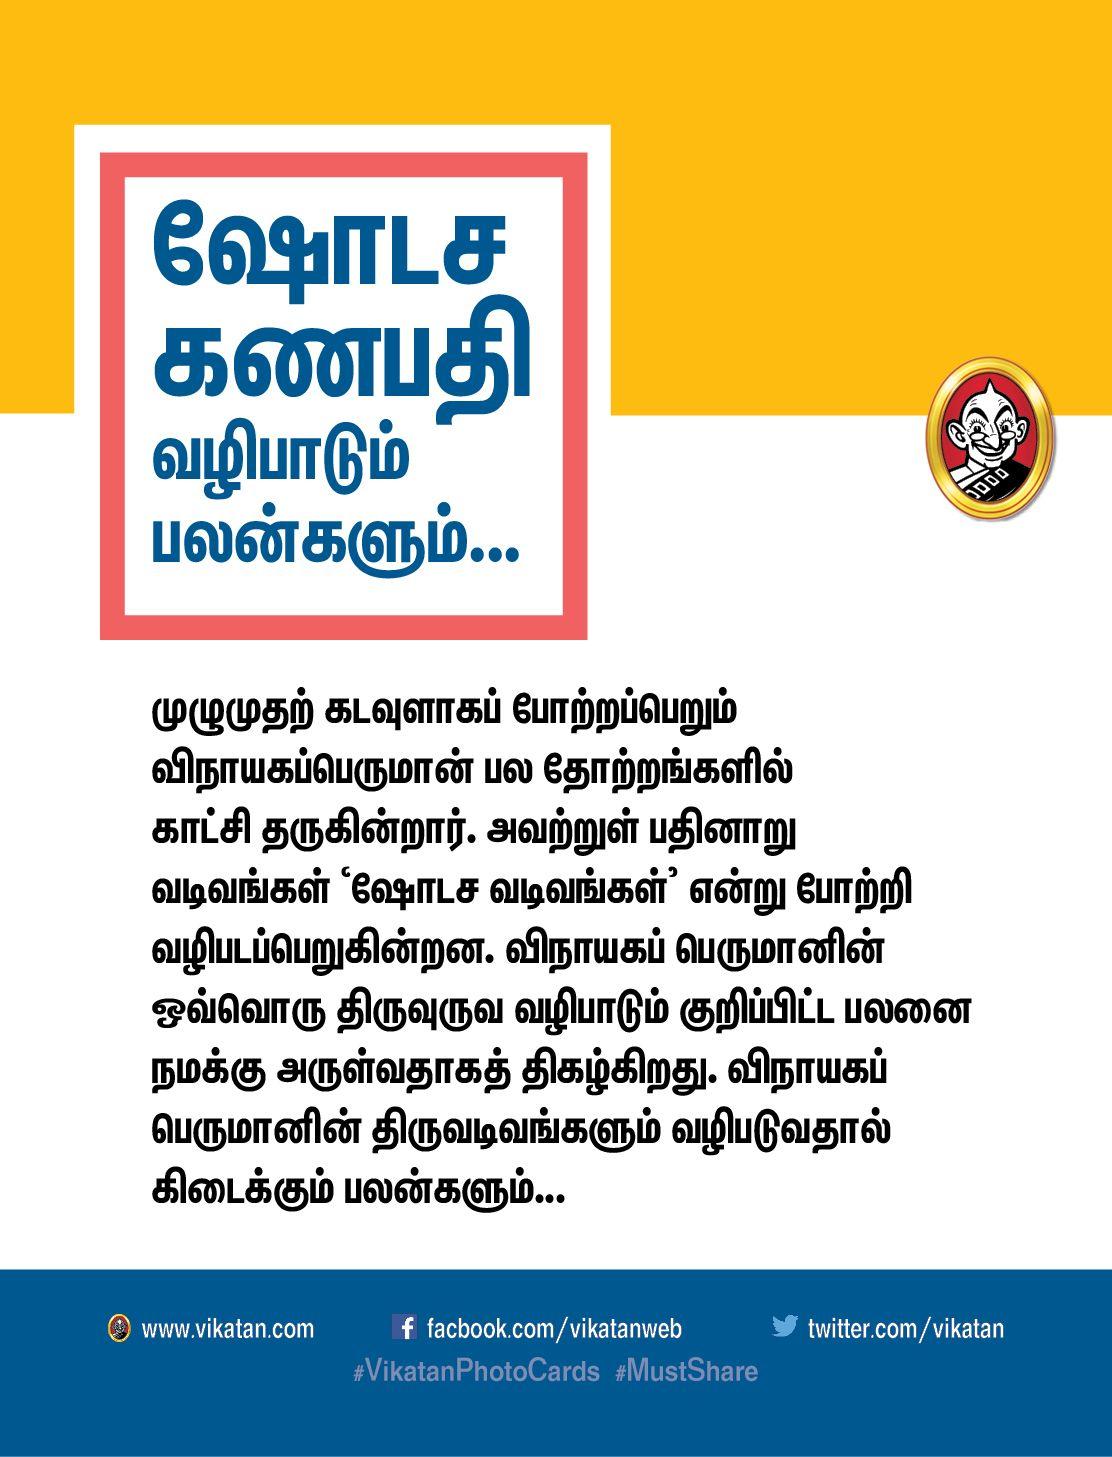 விநாயகப் பெருமானின் 'ஷோடச வடிவங்கள்'.. வழிபாடும் பலன்களும்! #VikatanPhotoCards